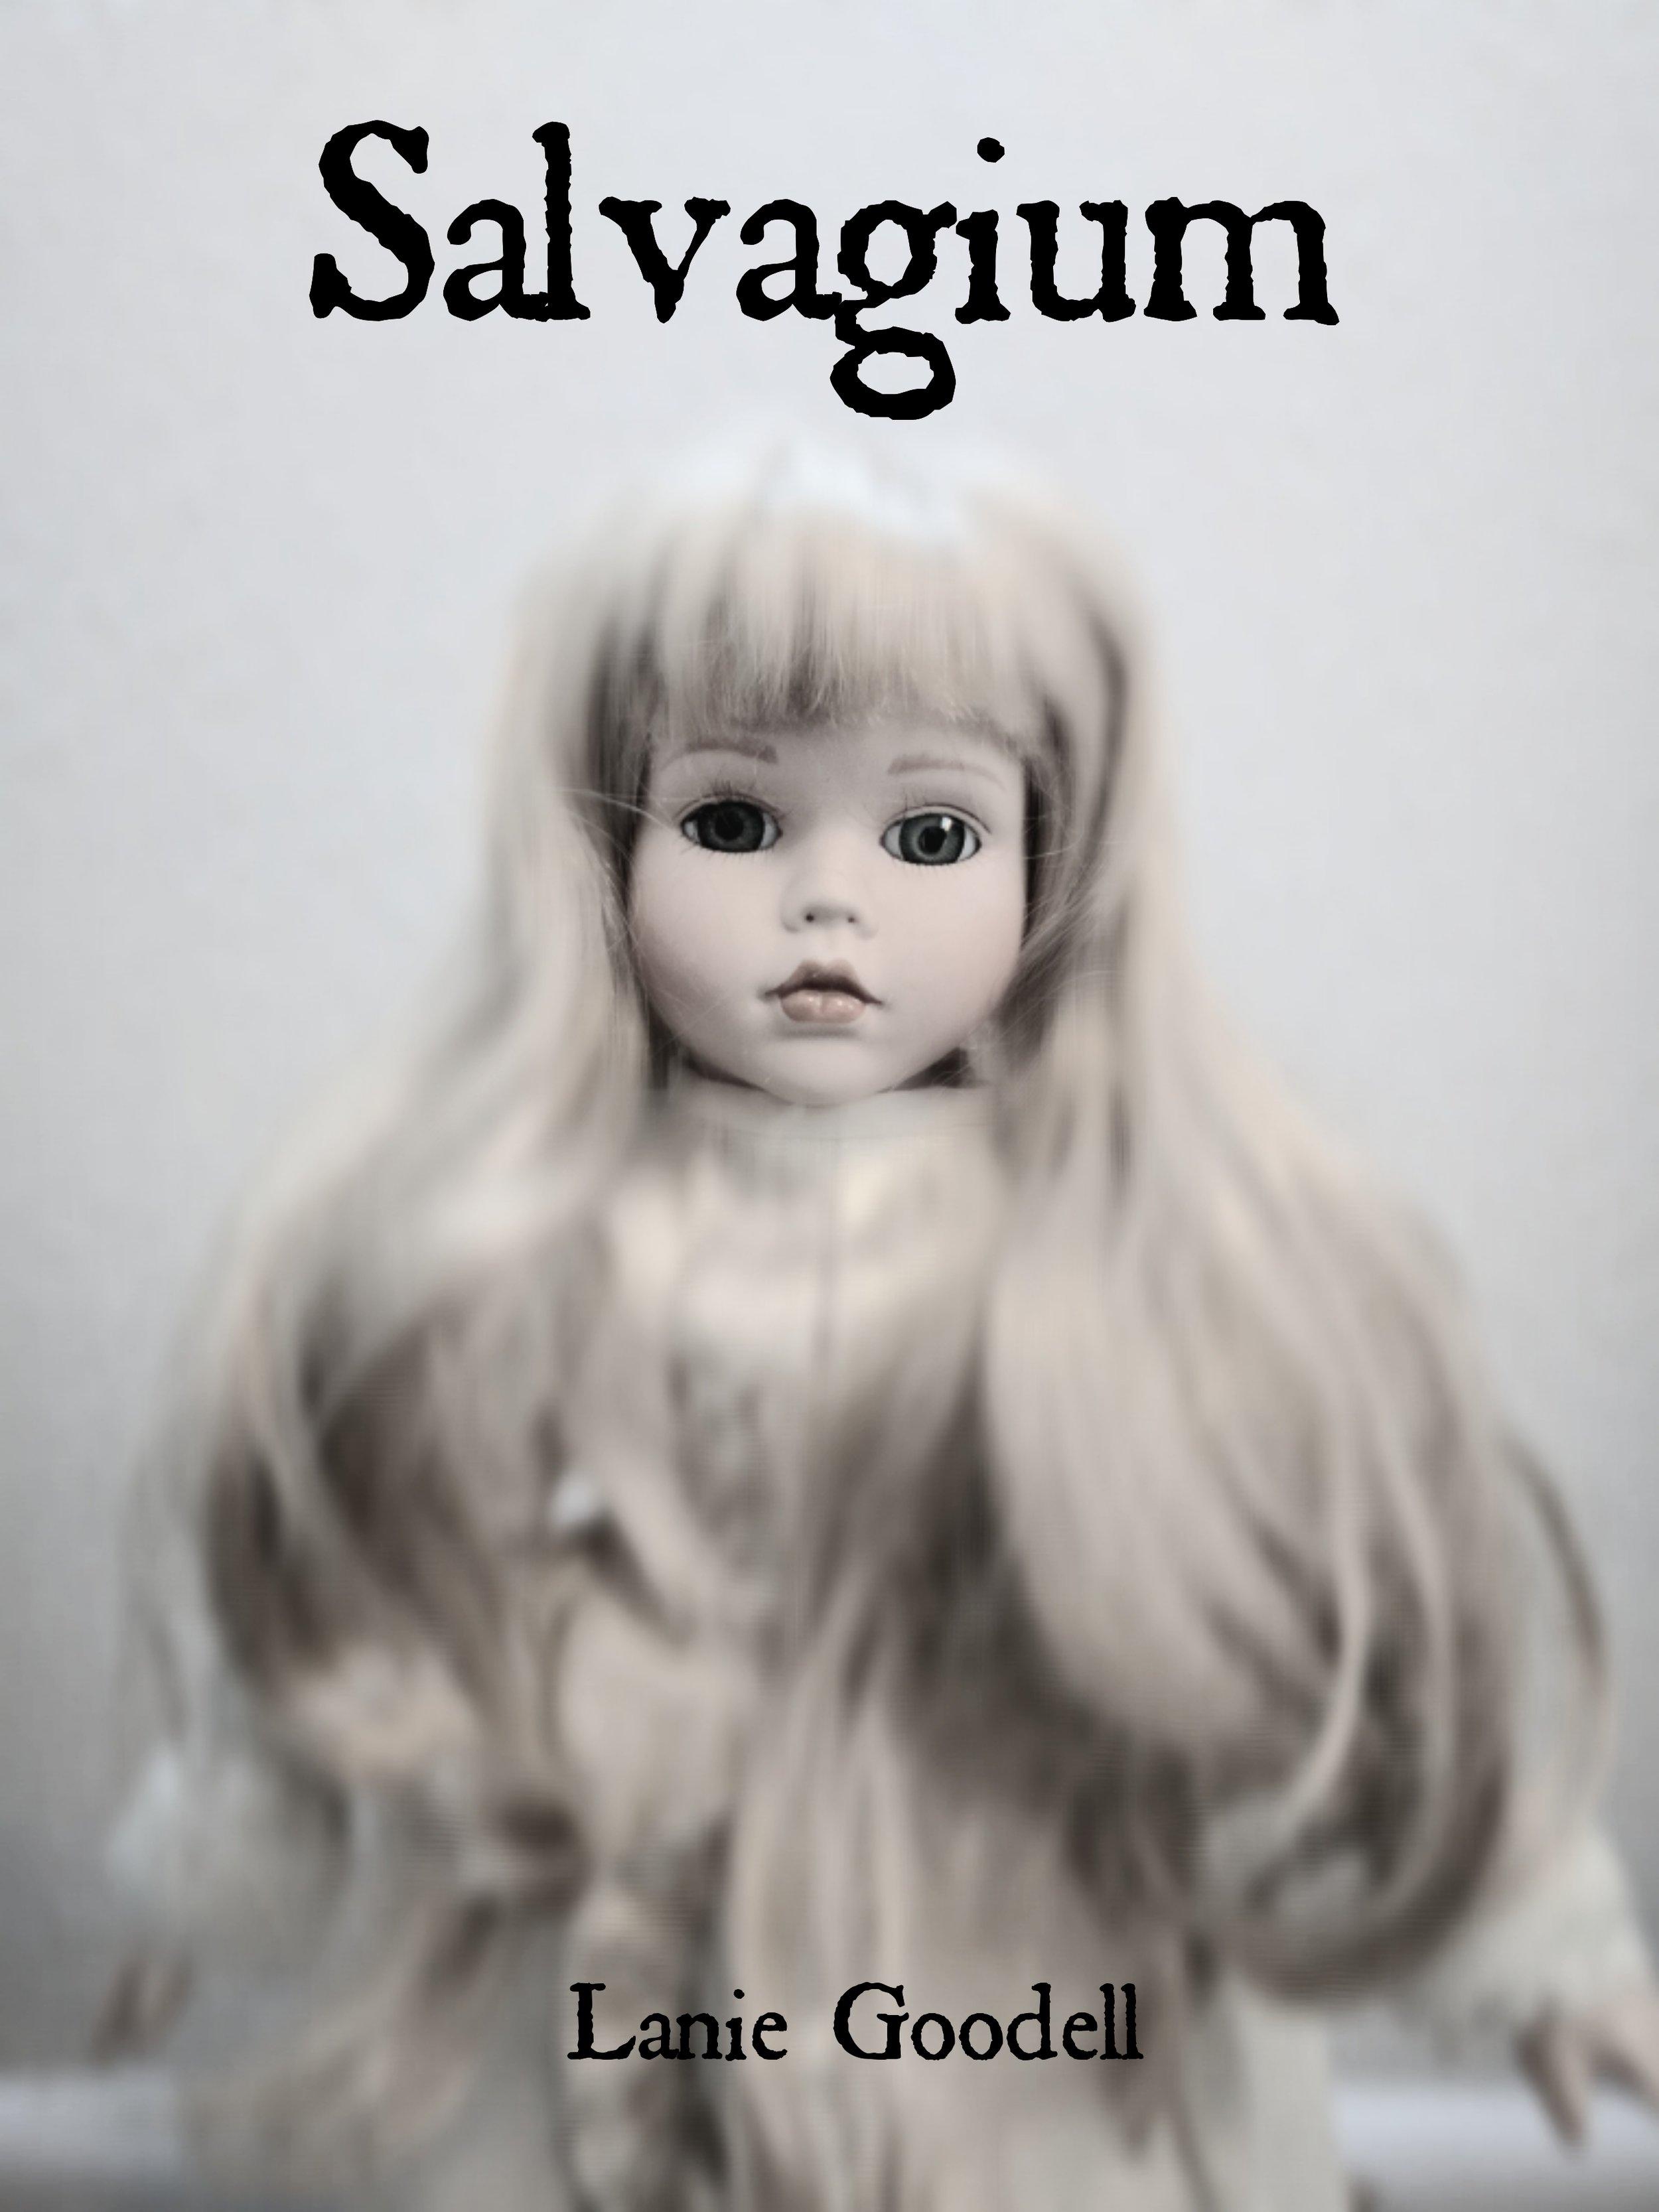 Salvagium Cover Photo.jpg